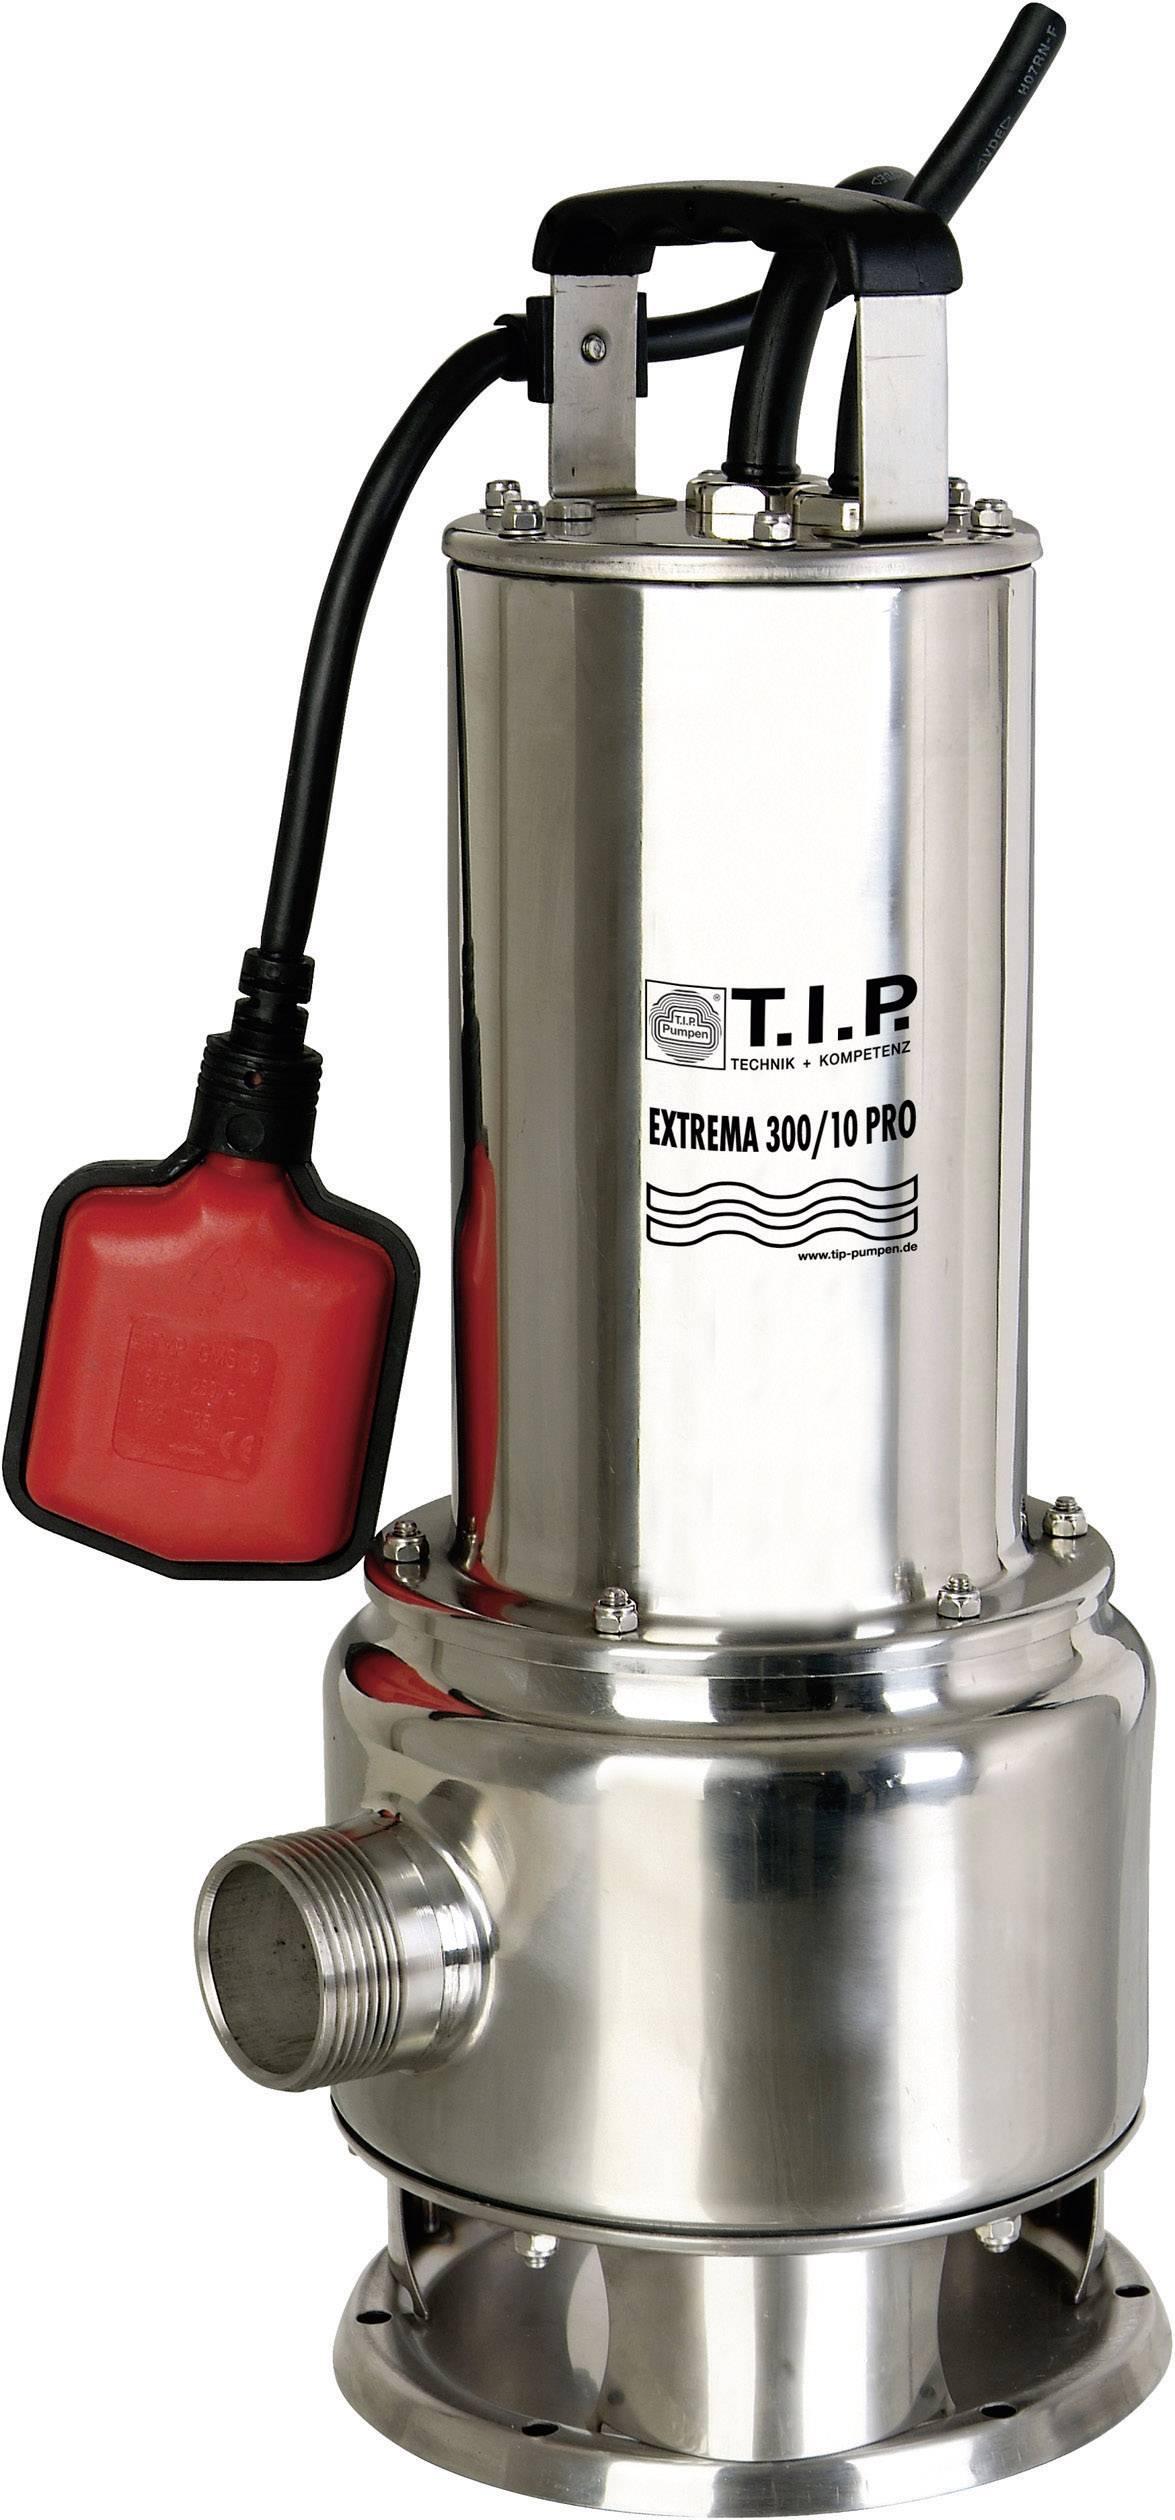 Kalové ponorné čerpadlo T.I.P. Pumpen Extrema 300/10 Pro, 19500 l/h, výtlak do 10,5 m